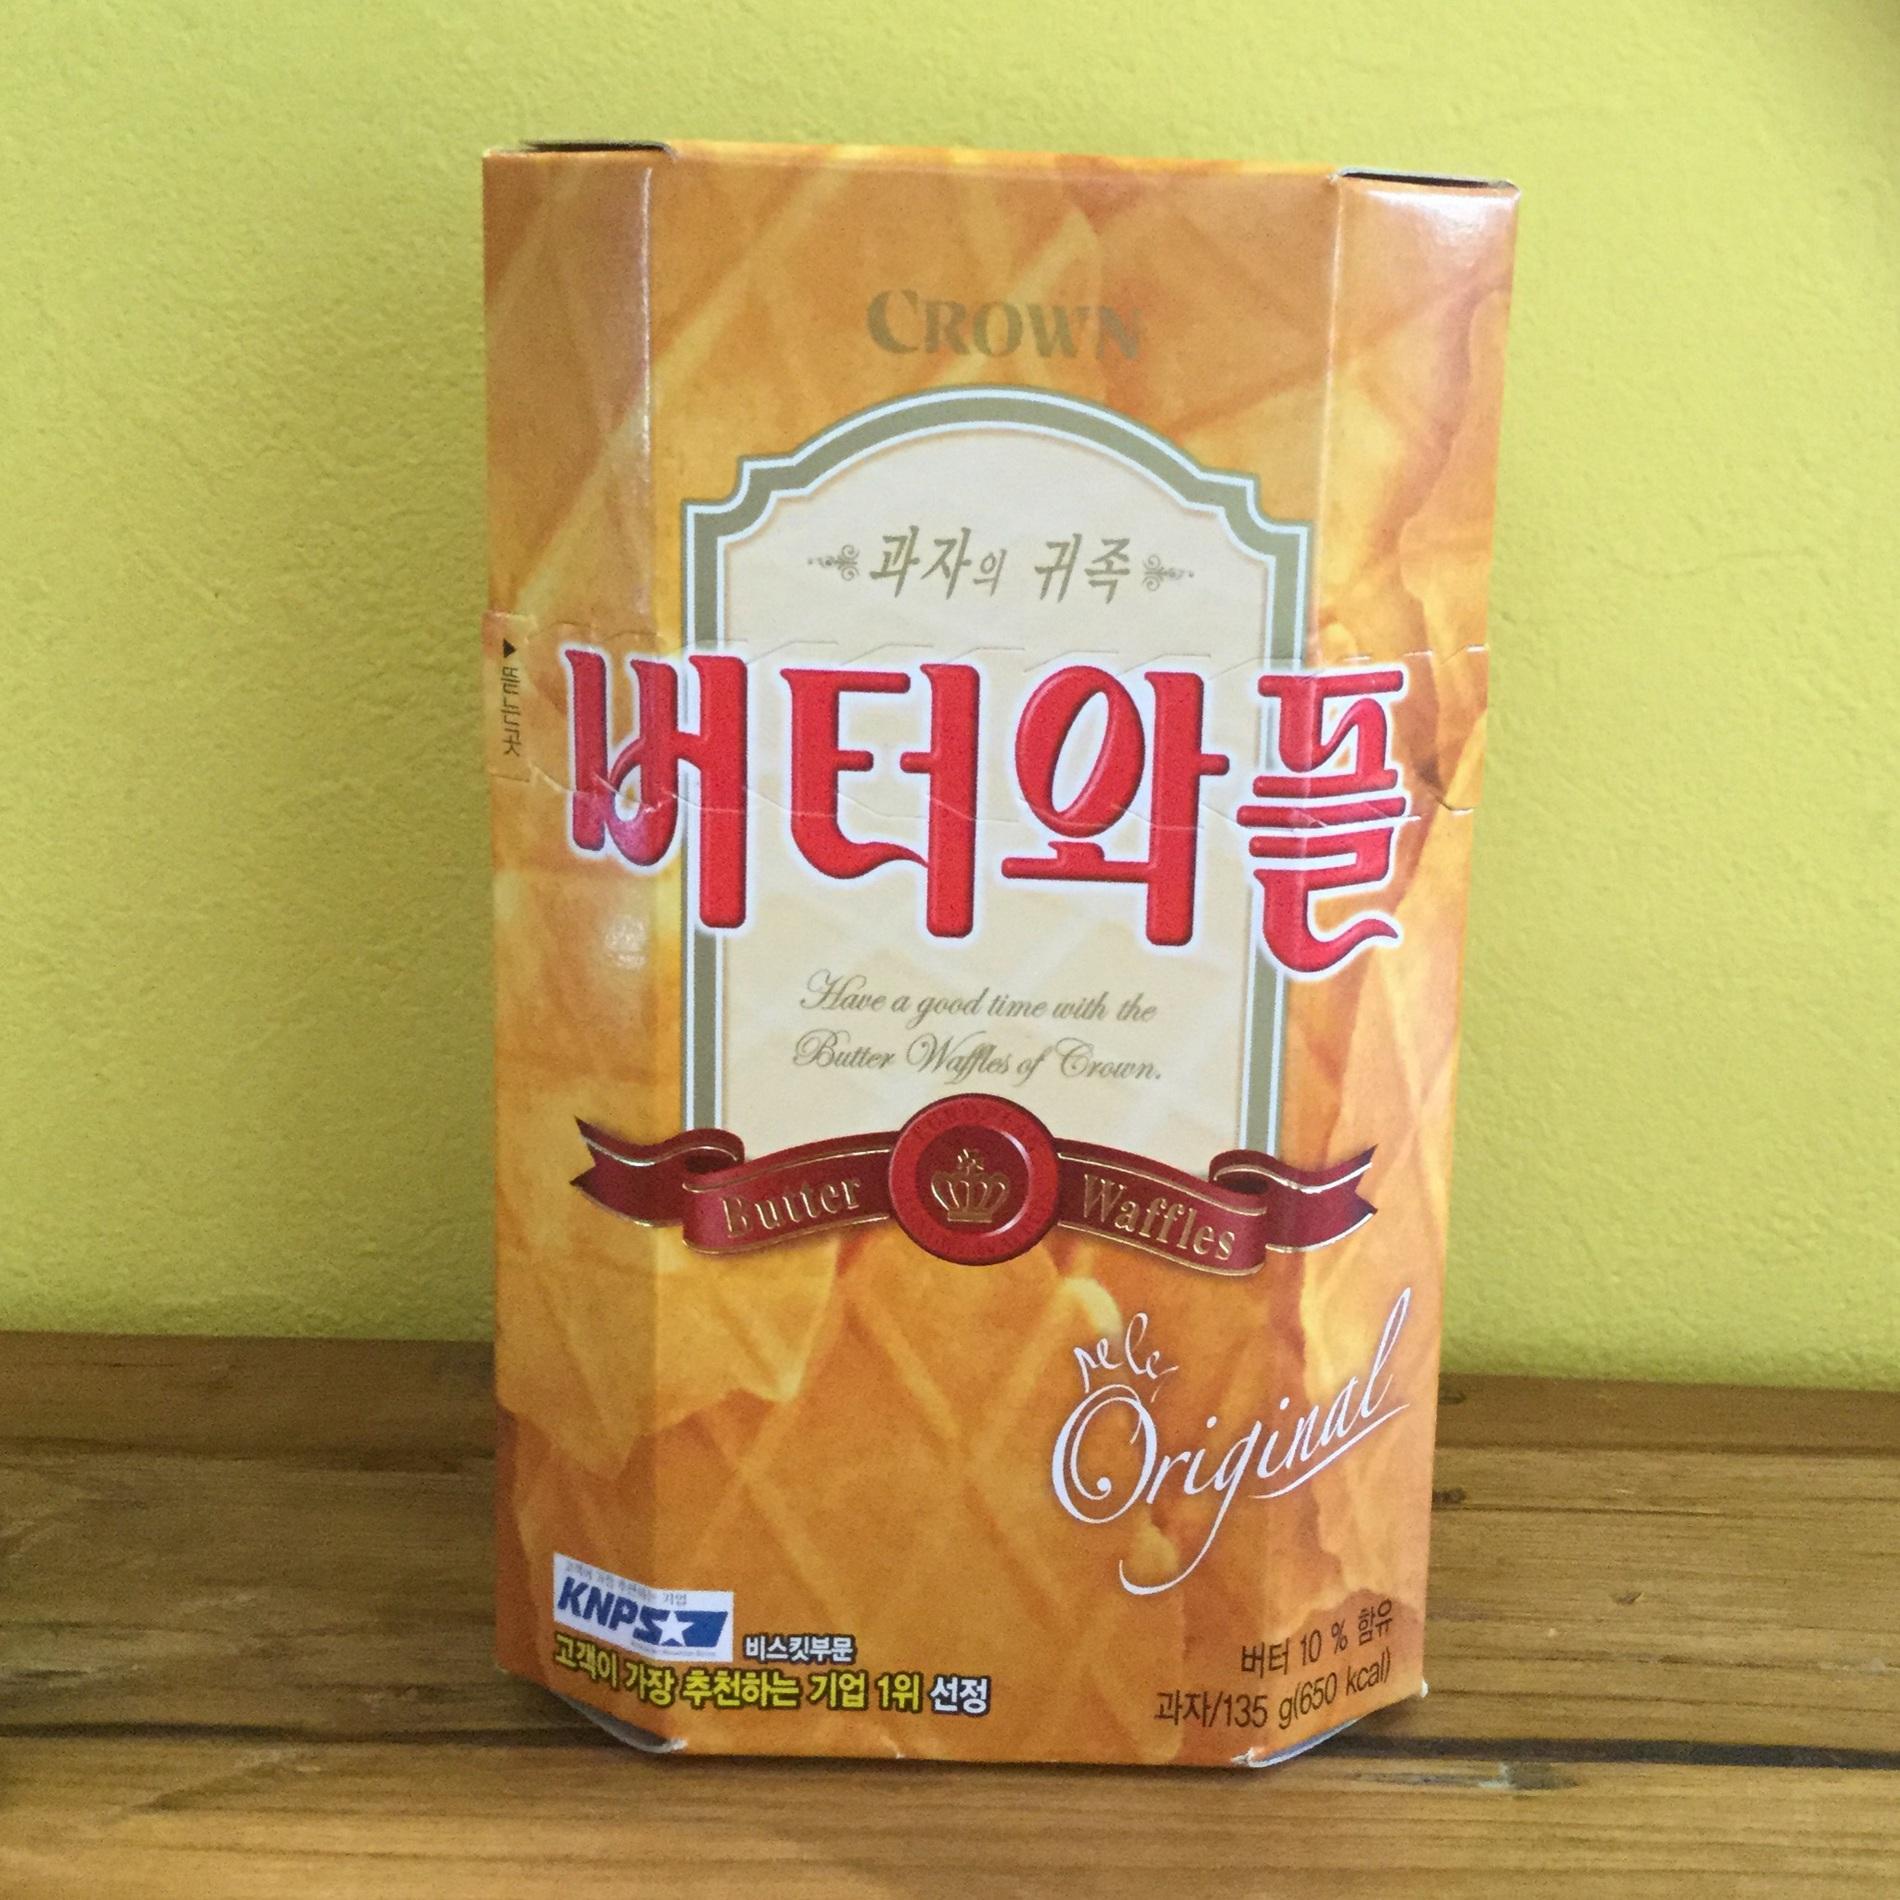 韓国お菓子お土産に人気!【クラウン・バトワプル(バターワッフル)】